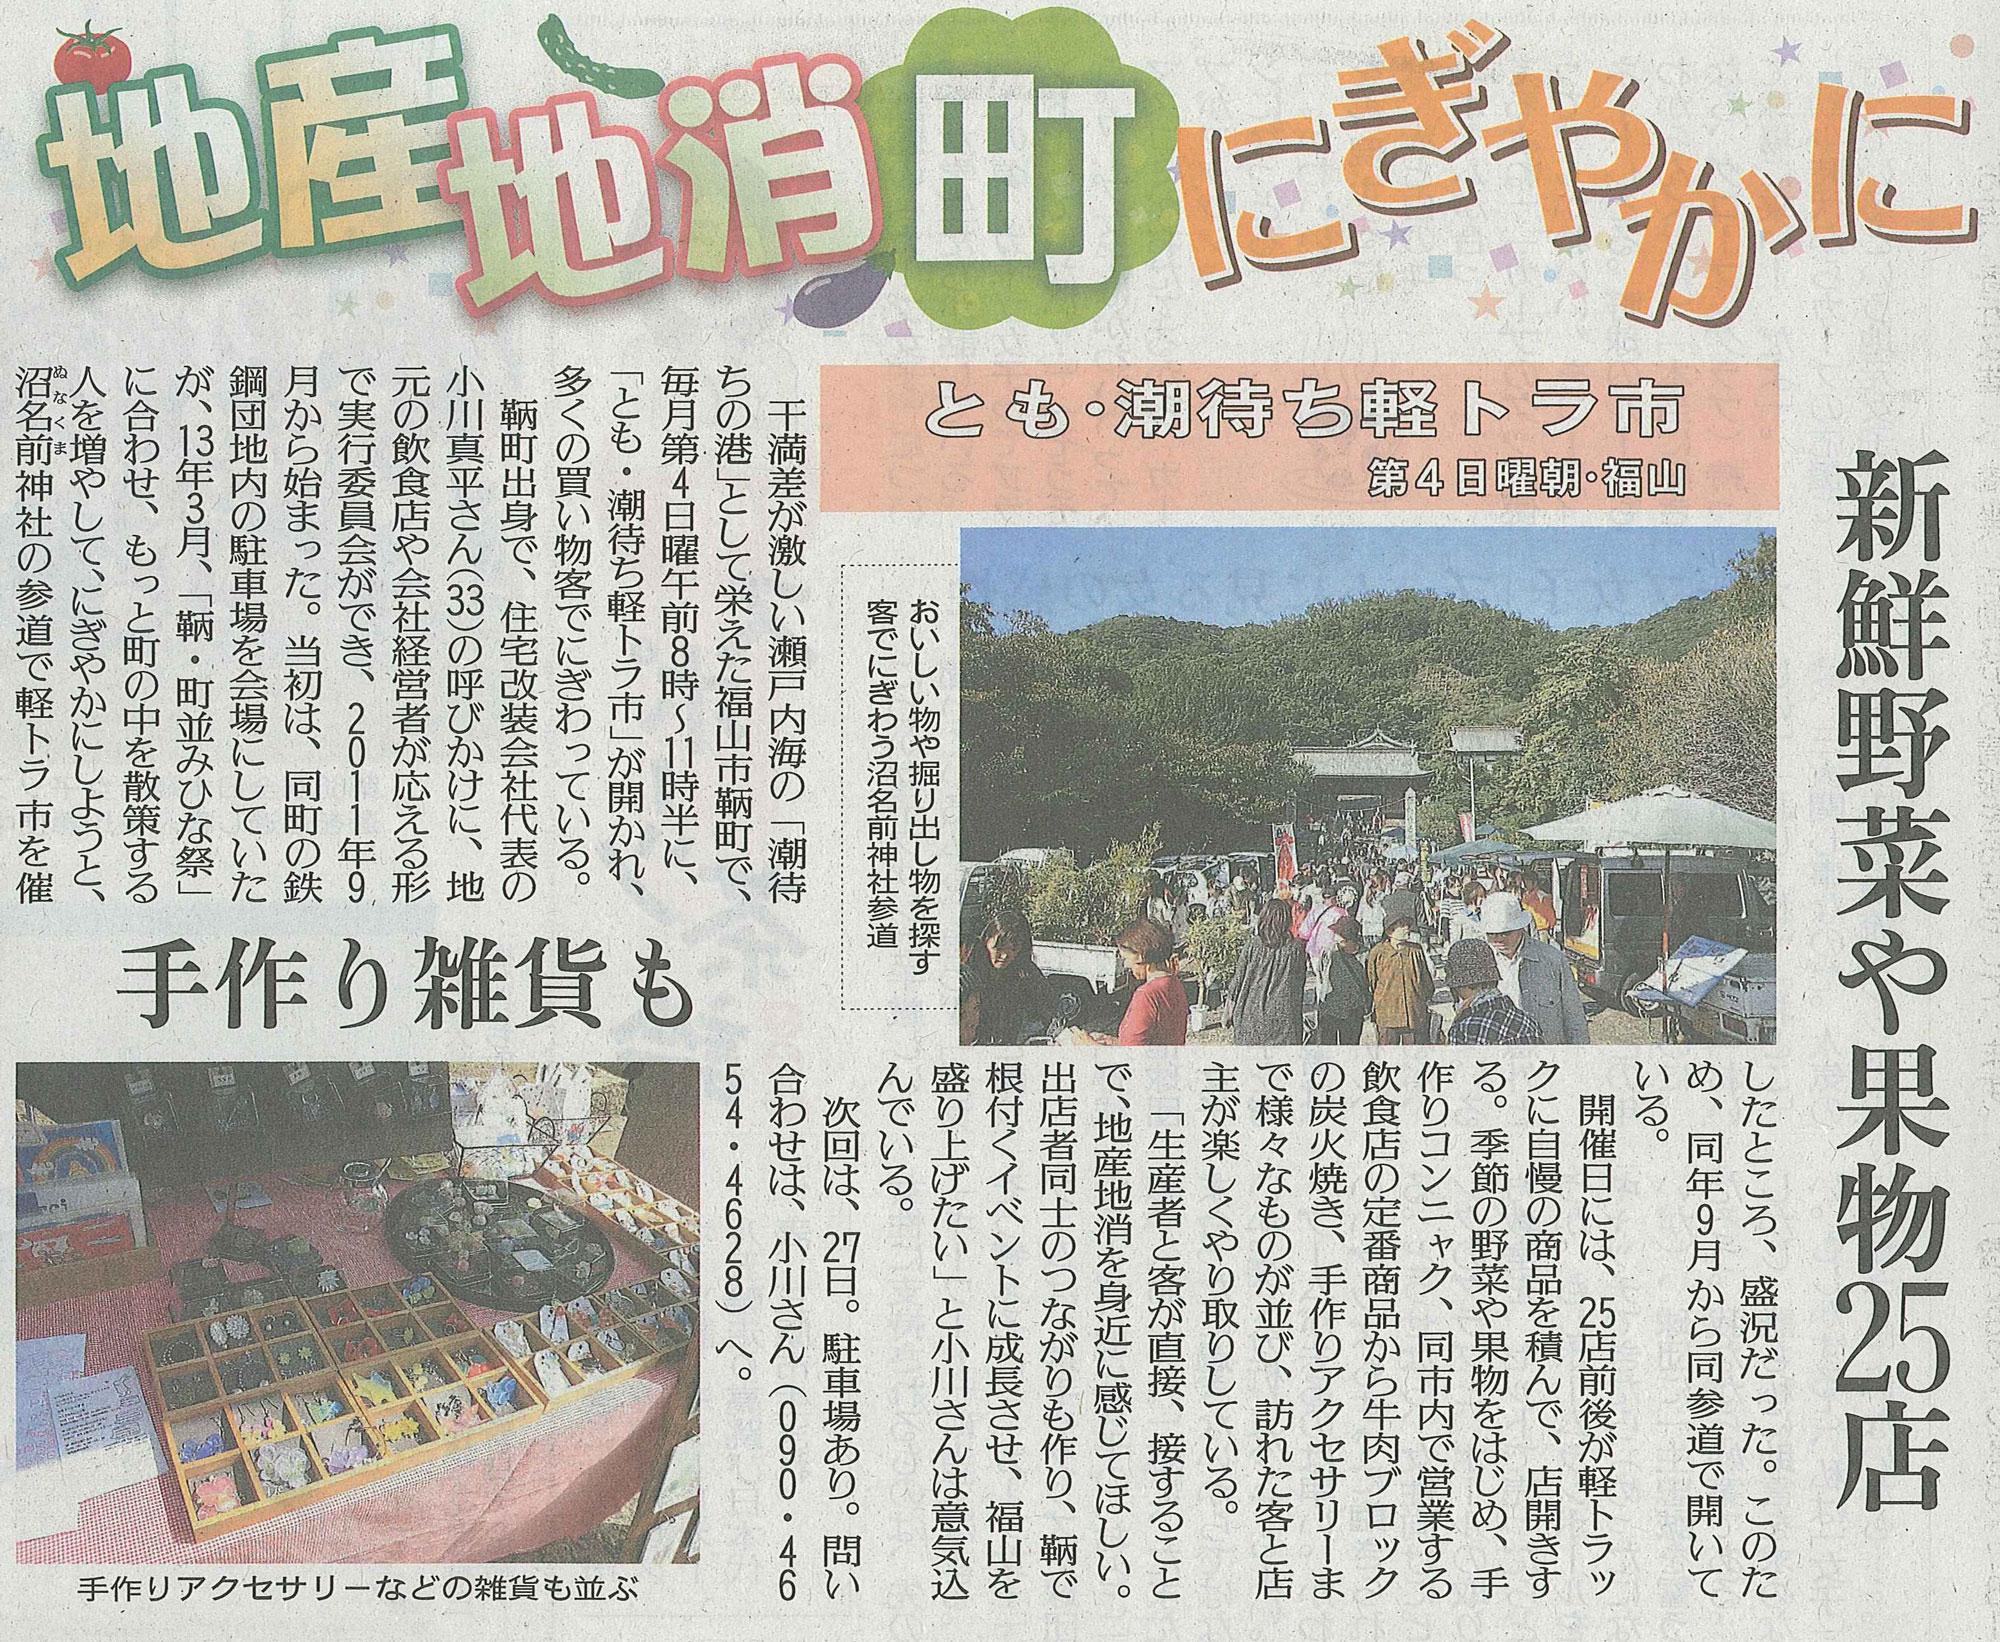 読売新聞のひろしま県民情報に軽トラ市のことが掲載